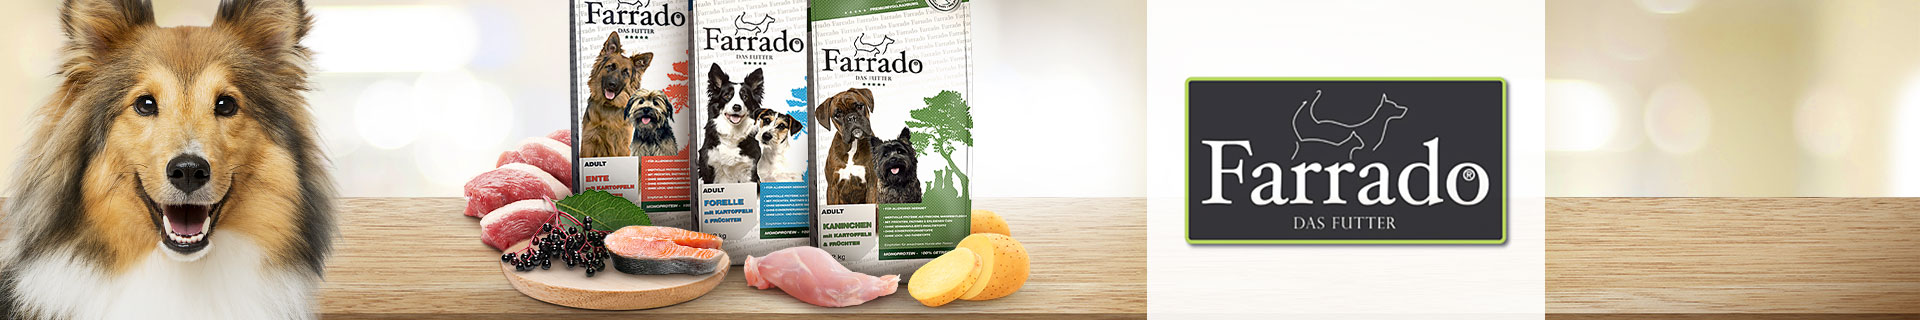 Farrado Trockenfutter Hund